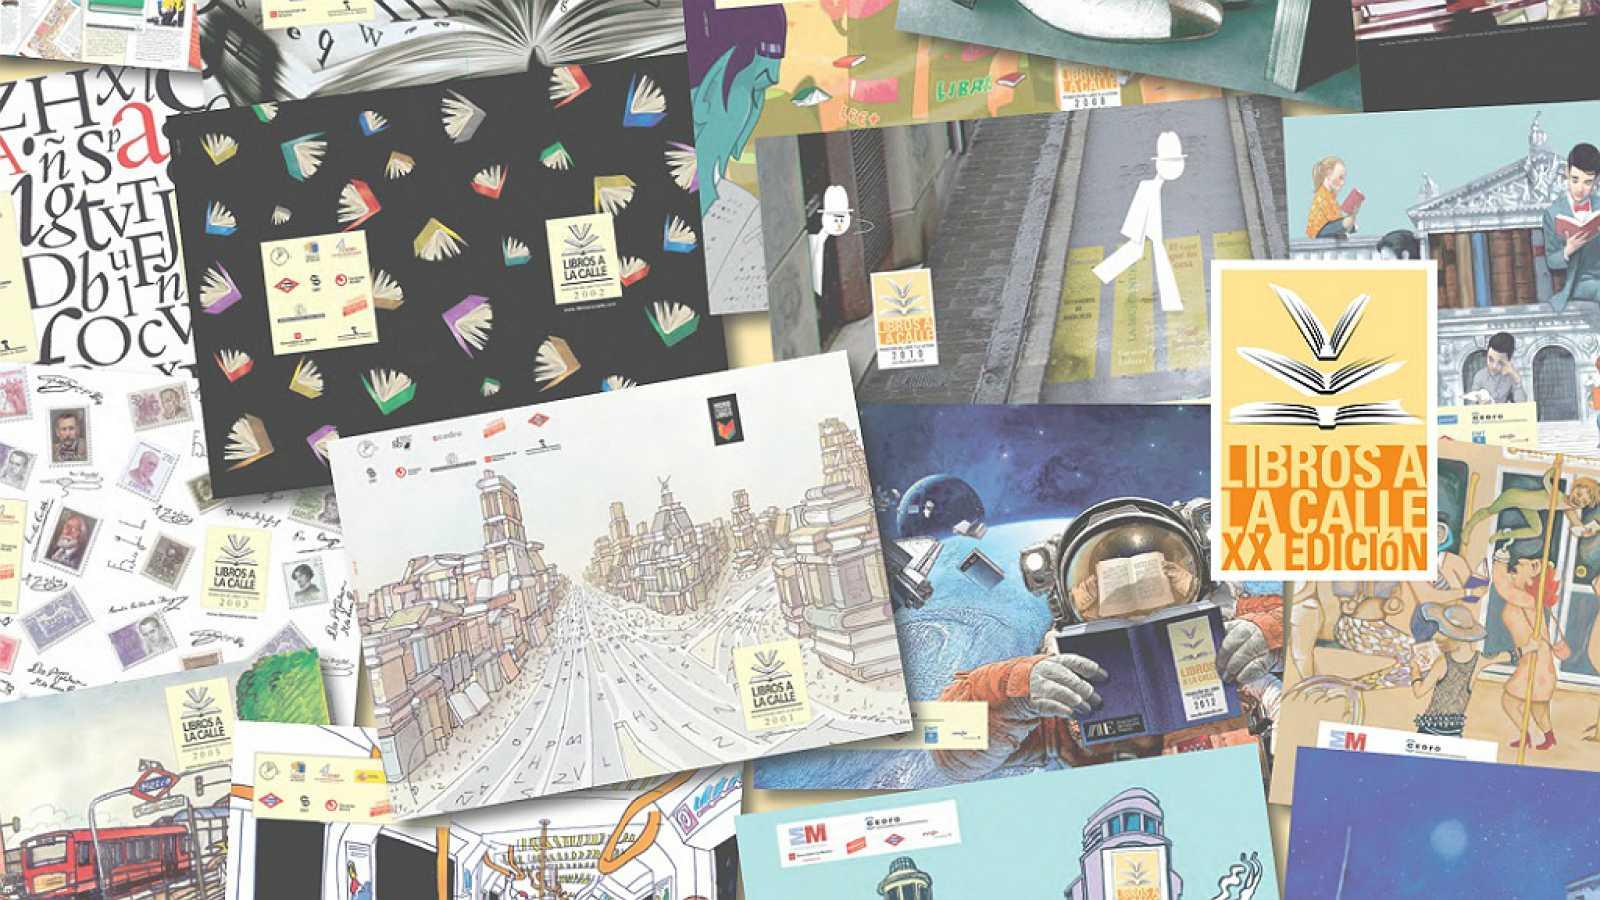 Creando que es gerundio - Libros a la calle - 15/09/17 - Escuchar ahora